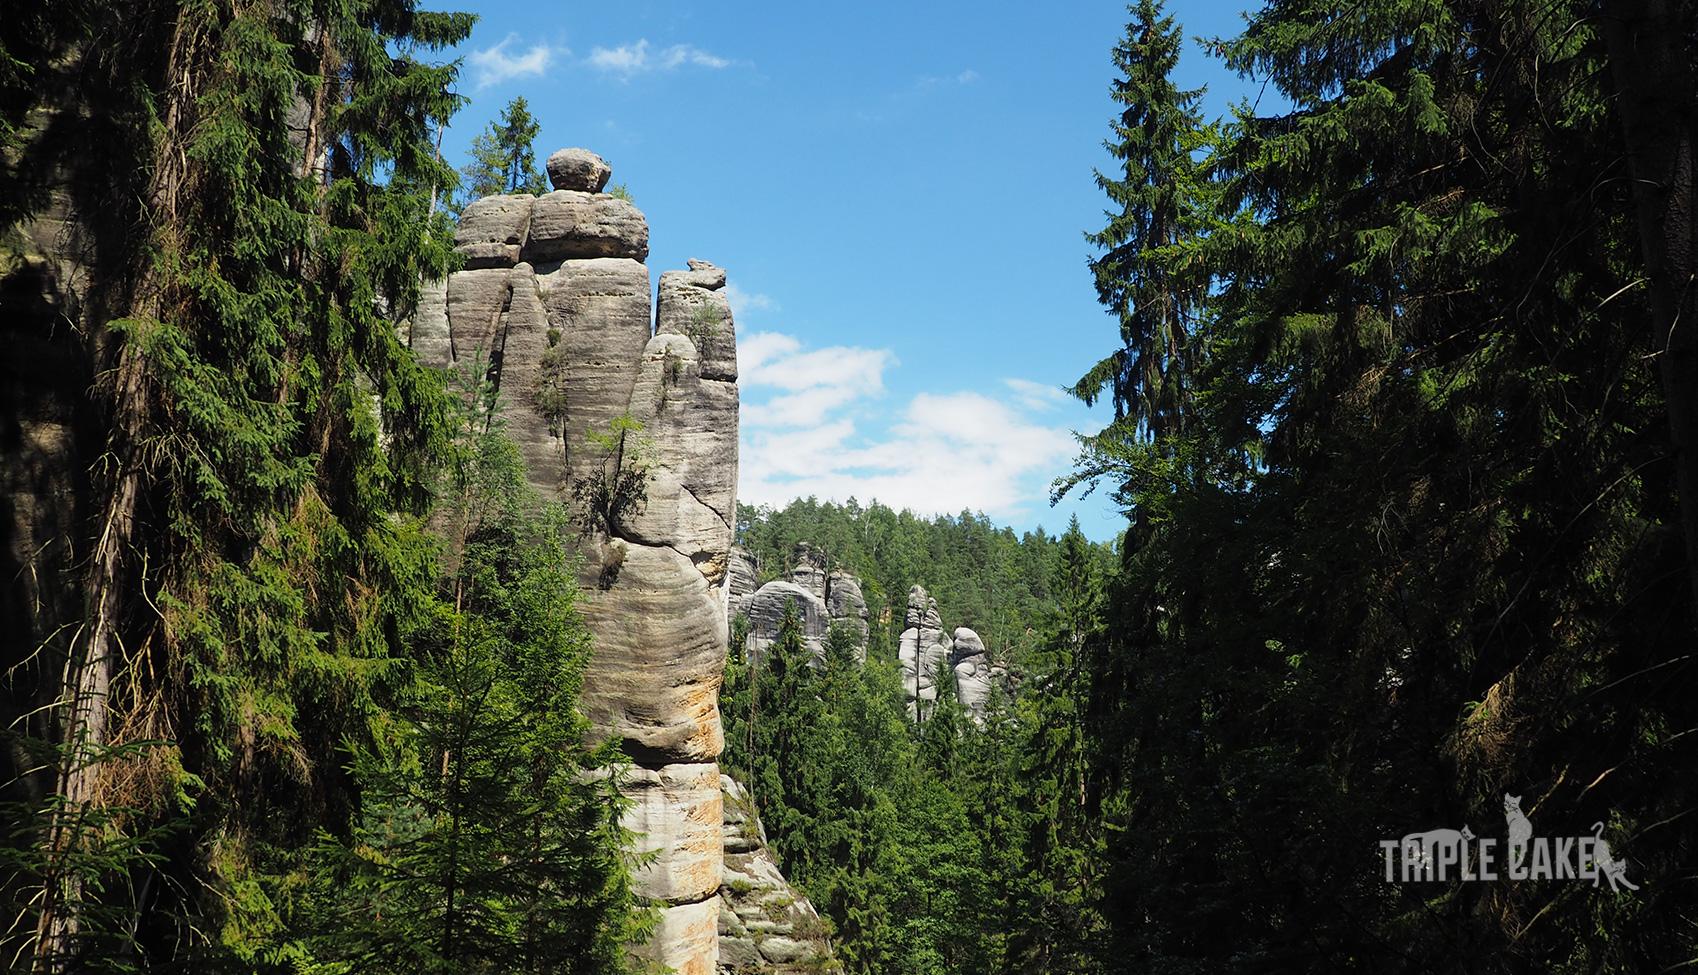 Adrszpaskie skaly